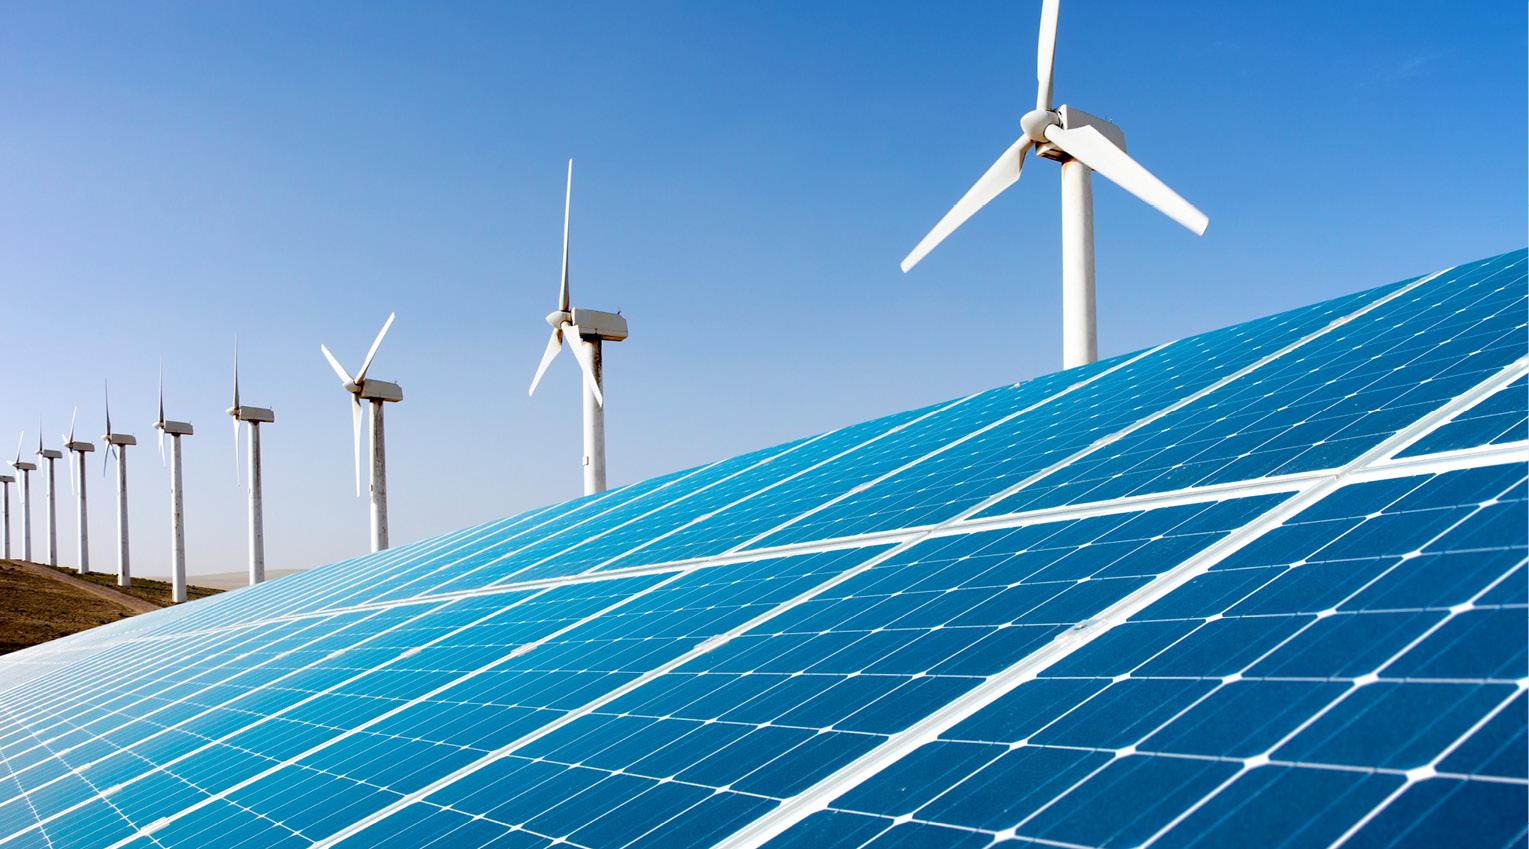 Ссылка дня: что происходило с возобновляемой энергетикой в России в 2016 году